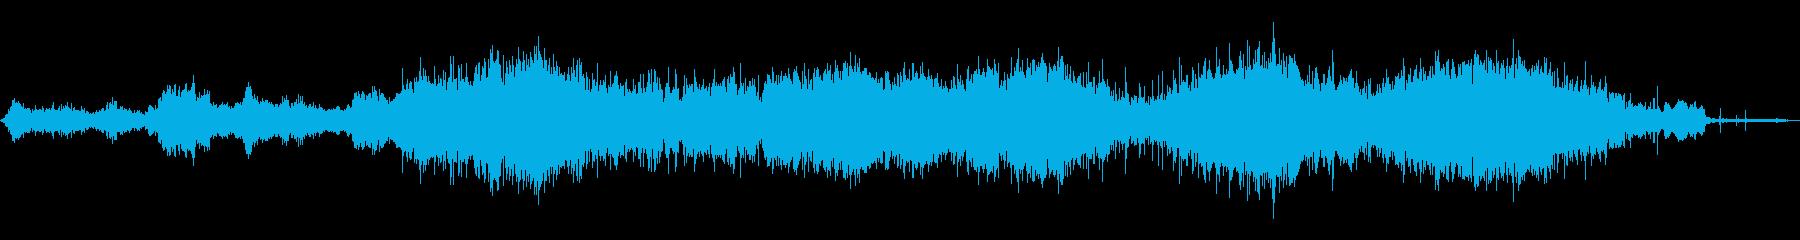 幼い子供たち:応援、拍手lapの再生済みの波形